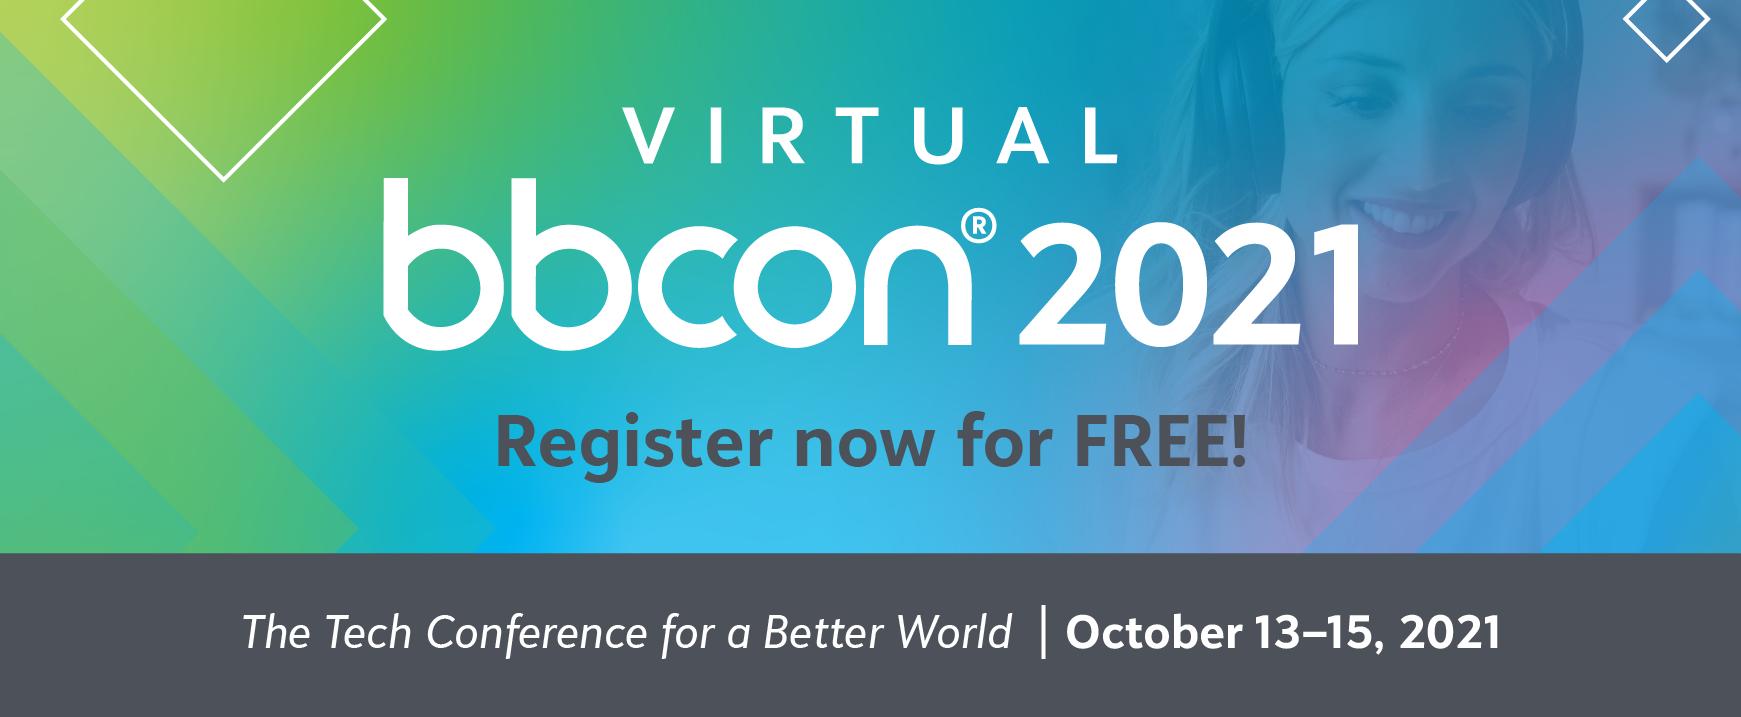 bbcon_2021_Virtual_CompanyBlogTile_opt1_870x358